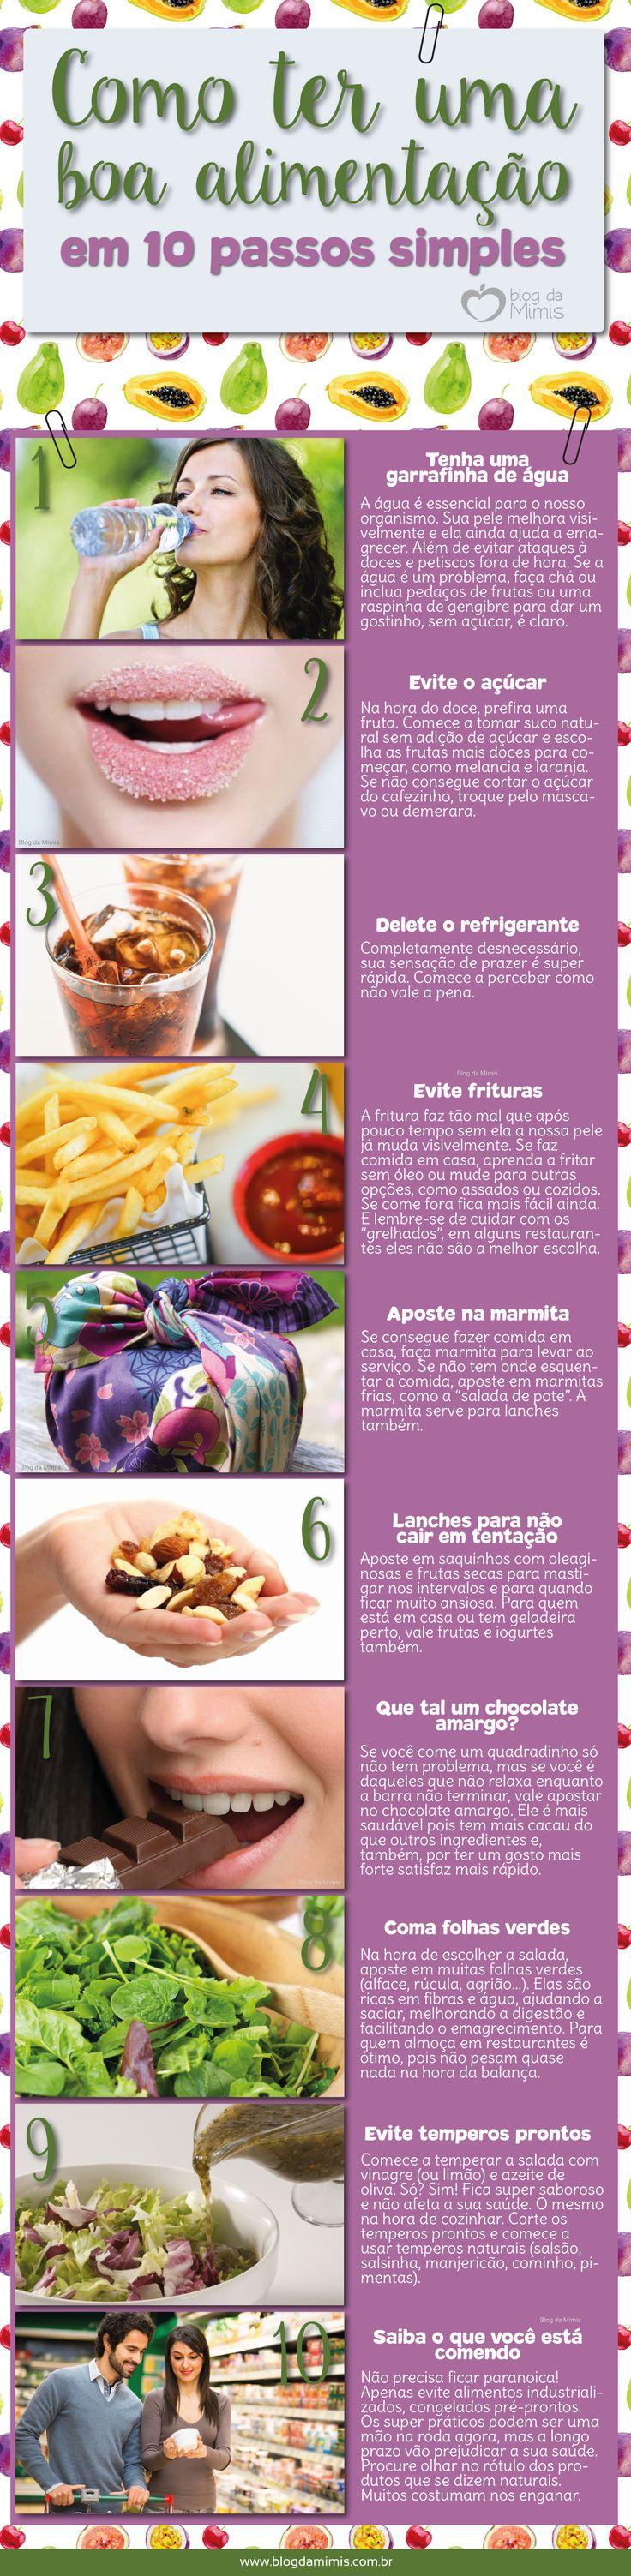 Como ter uma boa alimentação em 10 passos simples - Blog da Mimis #infográfico #blogdamimis #saúde #culinária #alimentação #emagrecer #dicas